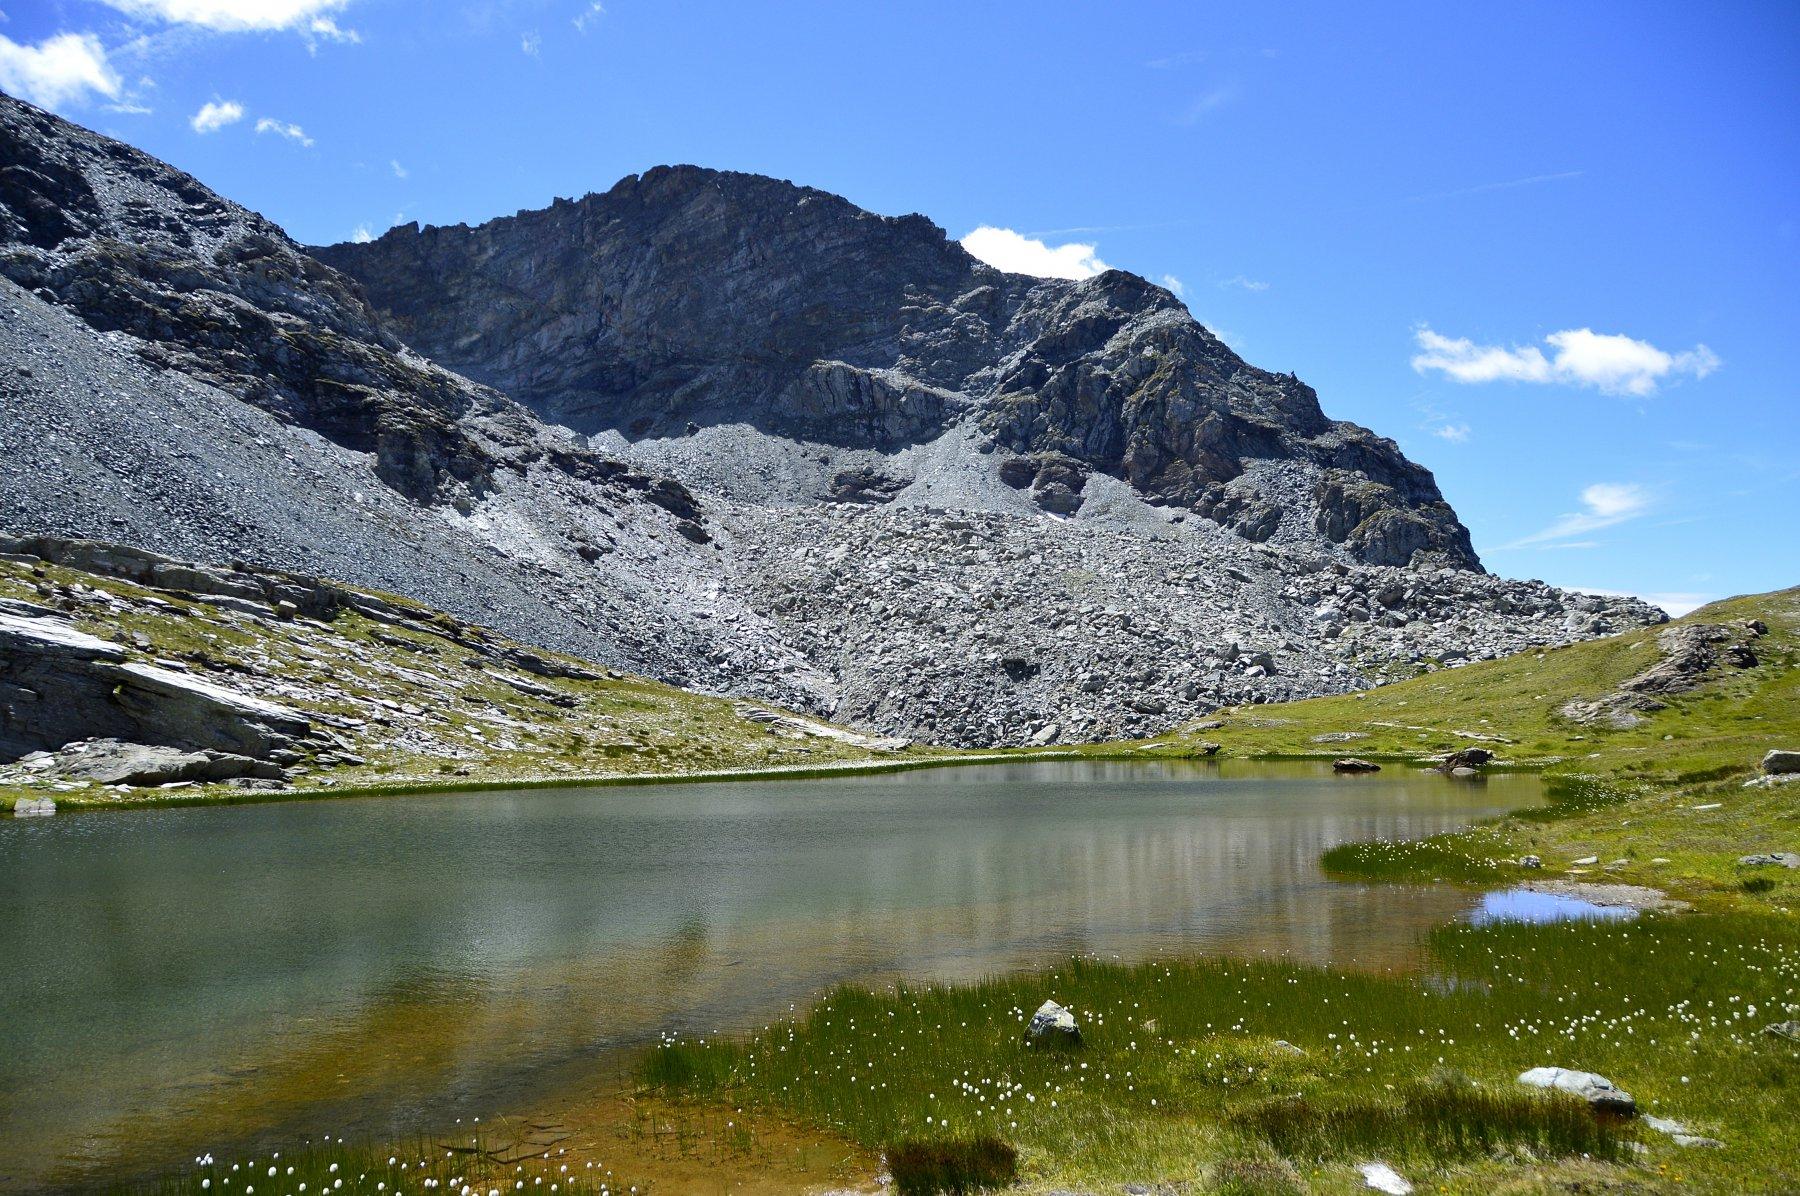 Primo lago Pinter e Gran Cima